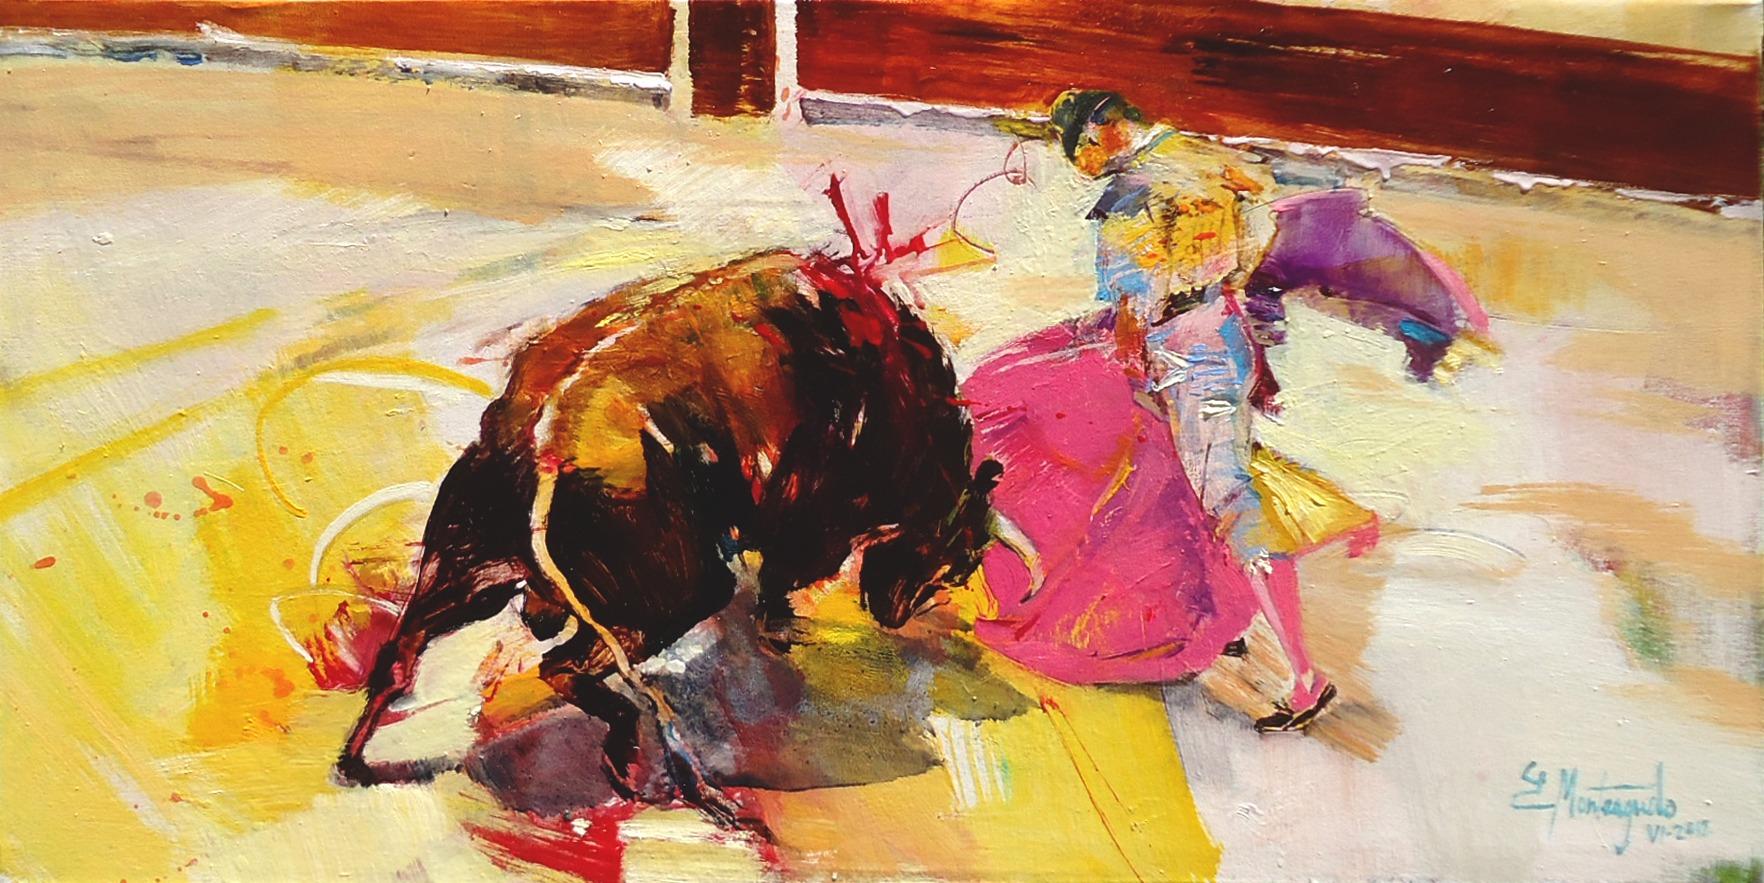 tauromaquia-80x40-cm-oil-on-canvas